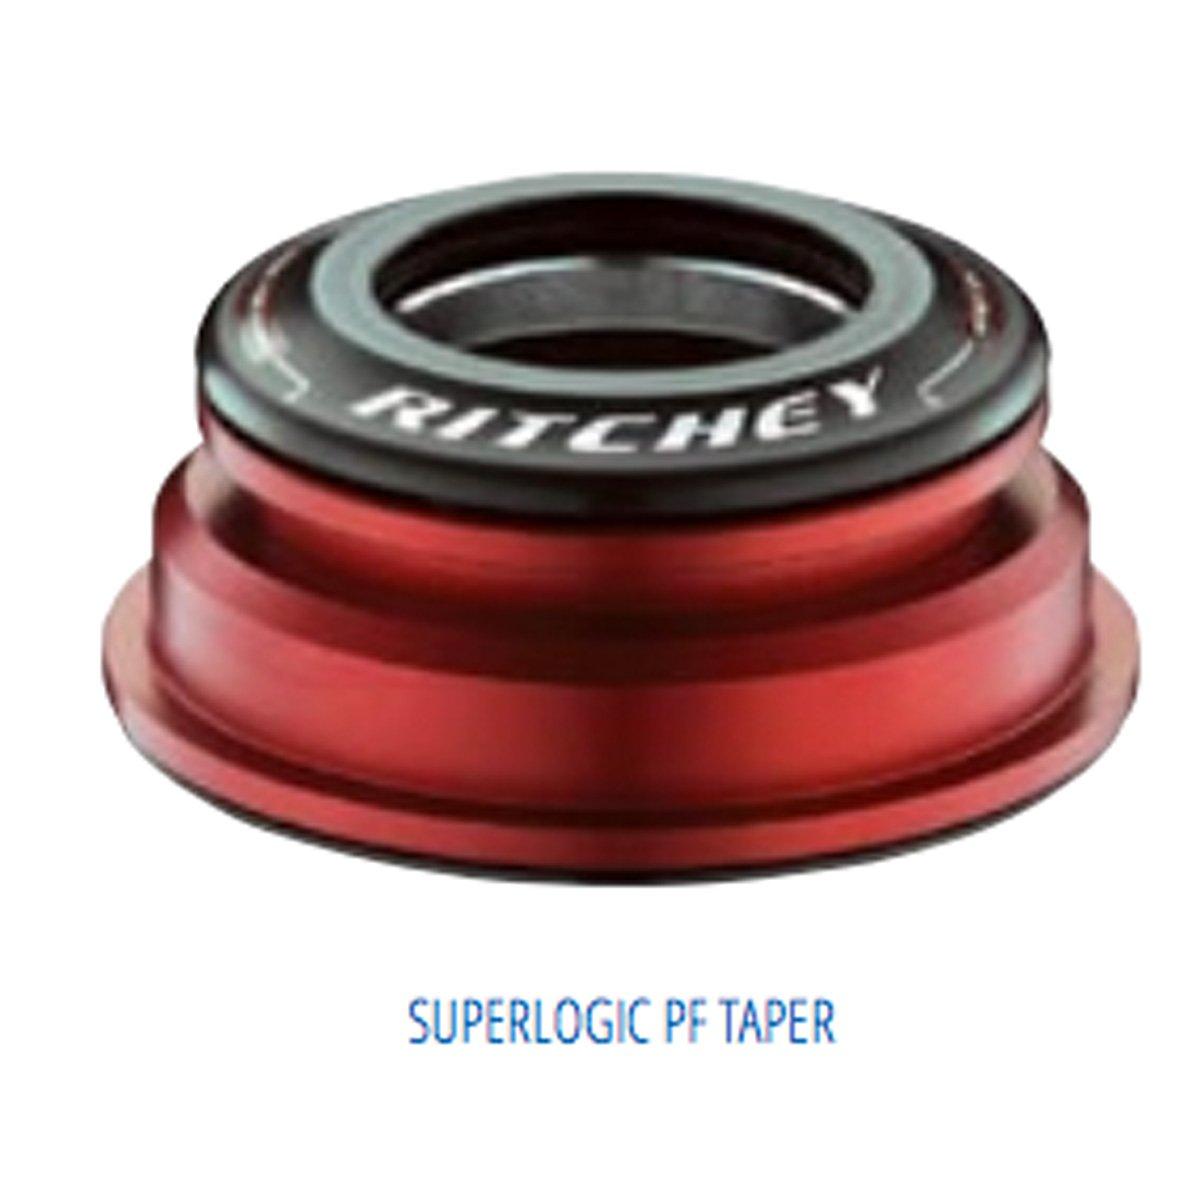 RITCHEY(リッチー) スーパー ロジック PFTAPER ヘッドセット